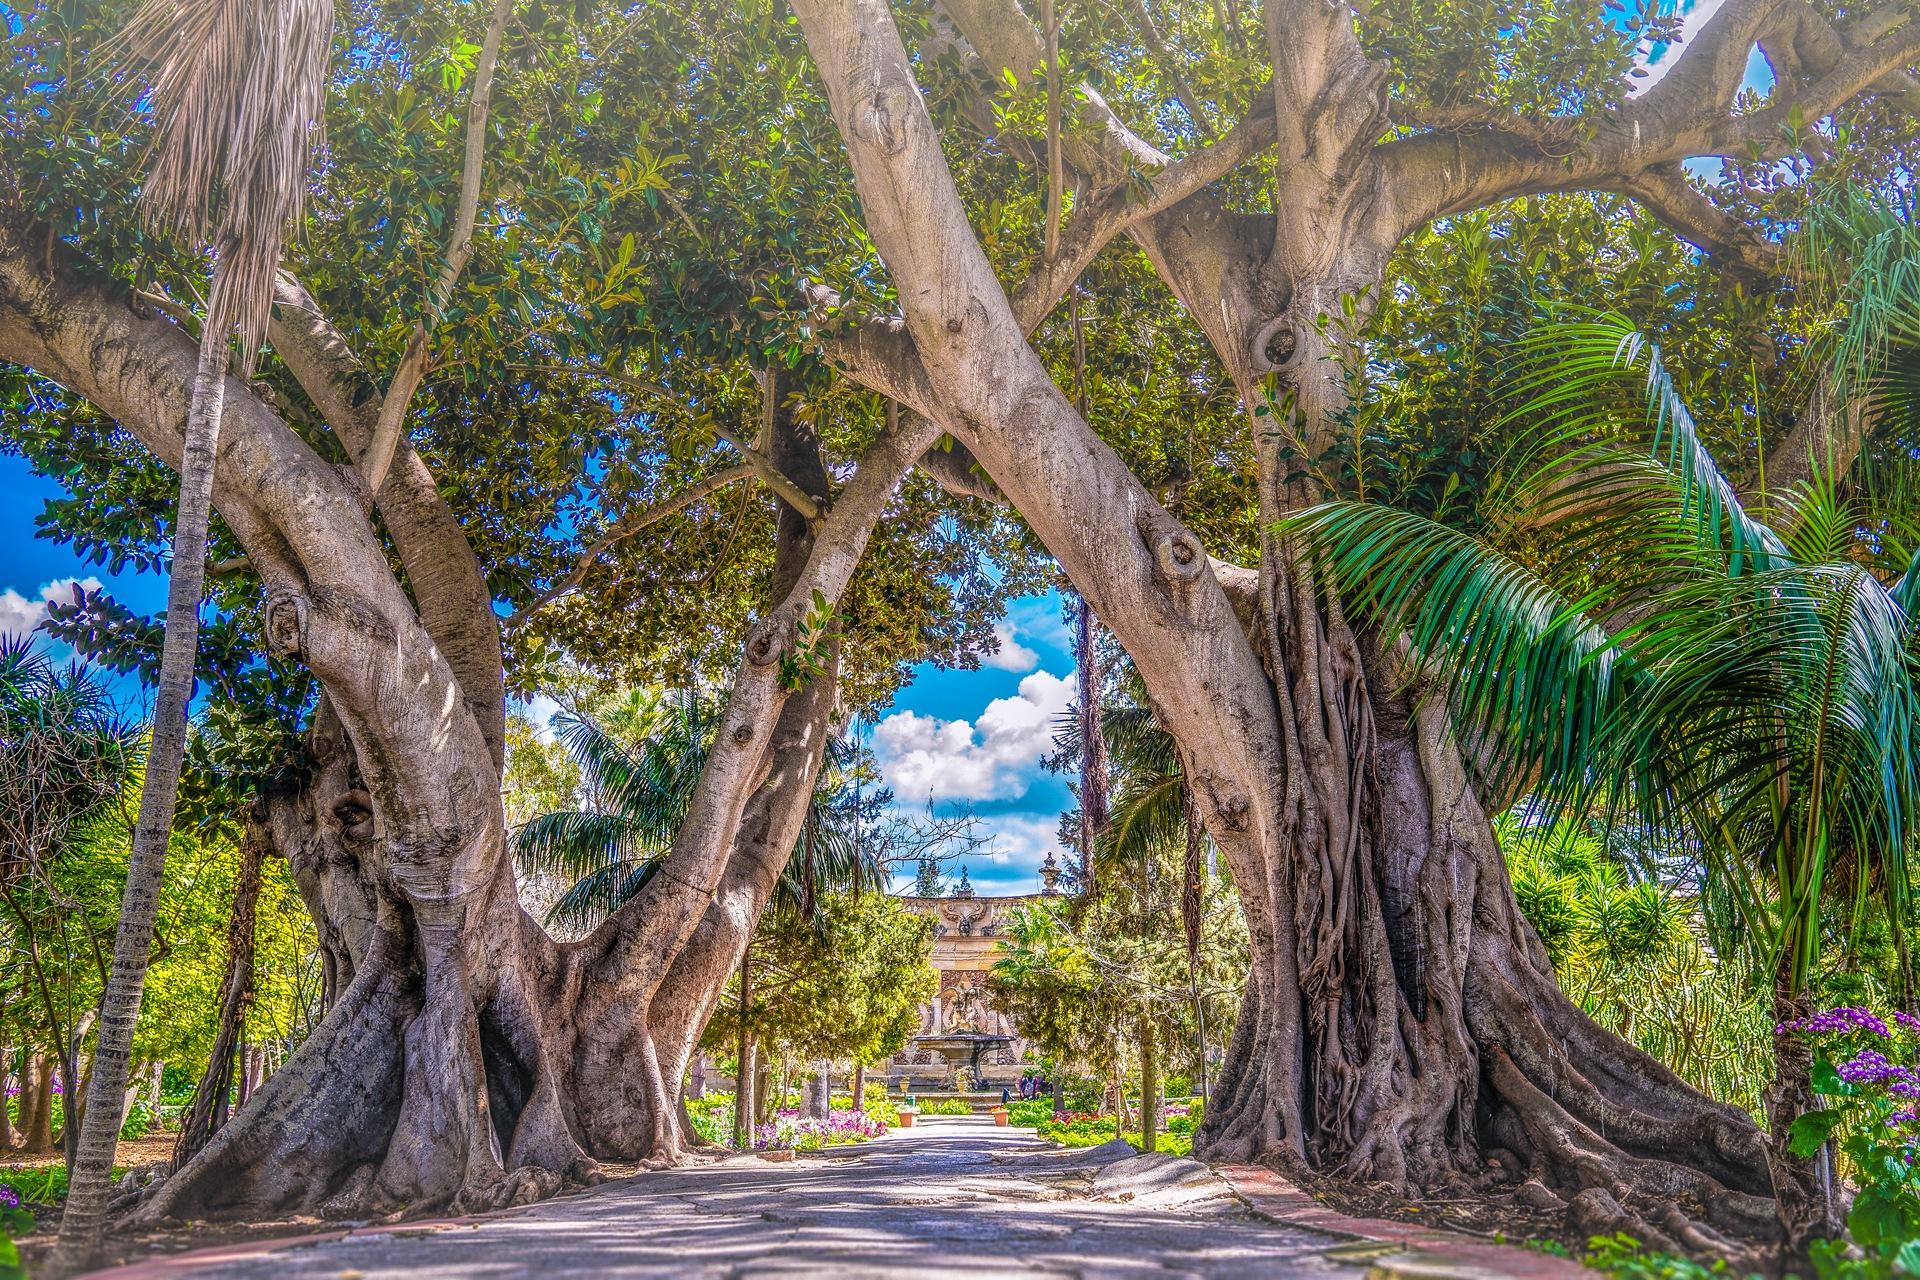 San Anton Garden-Malta by Venelin Todorov